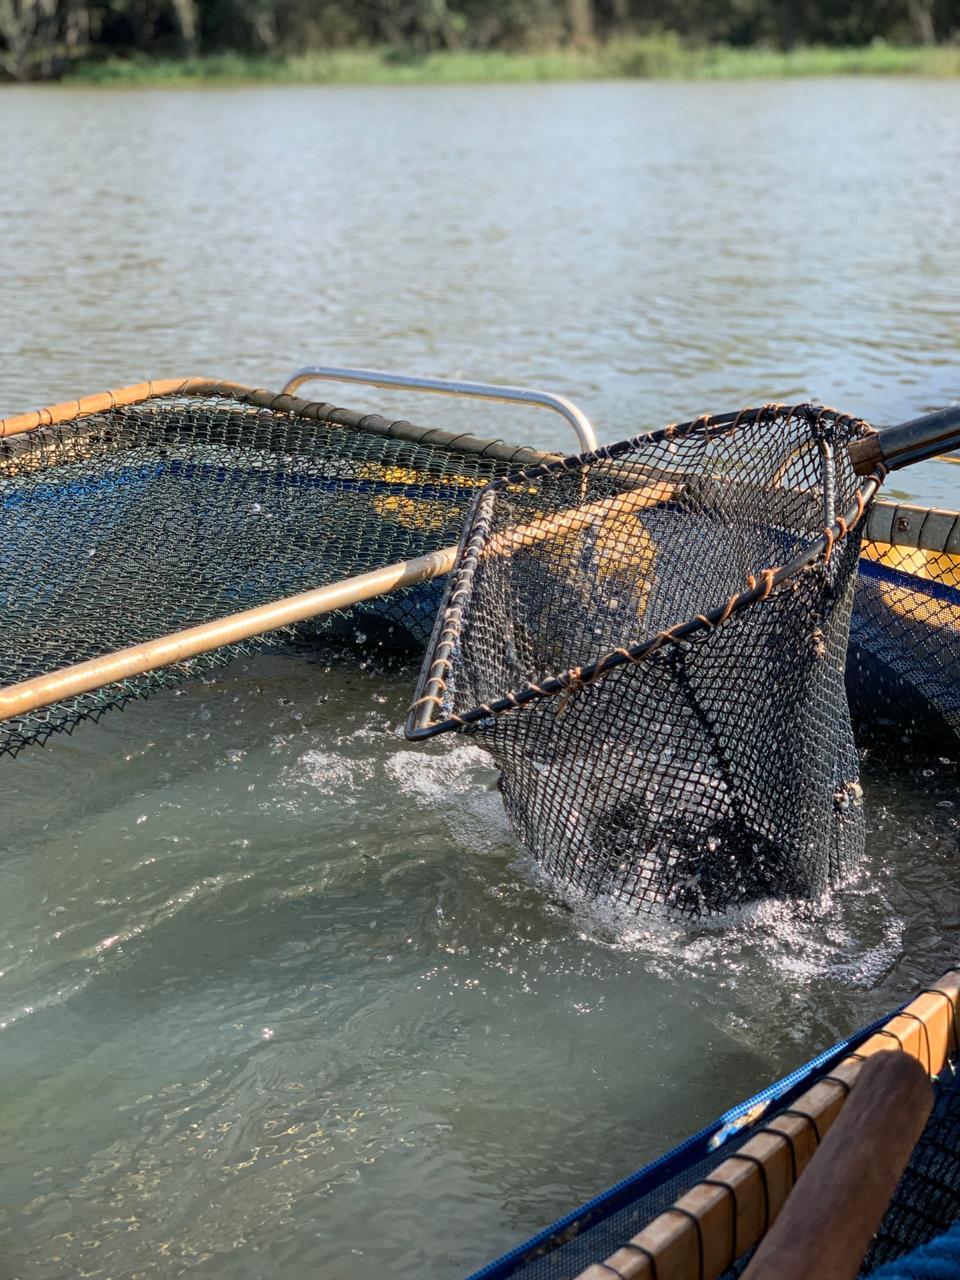 Criação de pacu feita por pescadores da região do Lago Itaipu. Foto: Claudia Krauspenhar / arquivo pessoal.